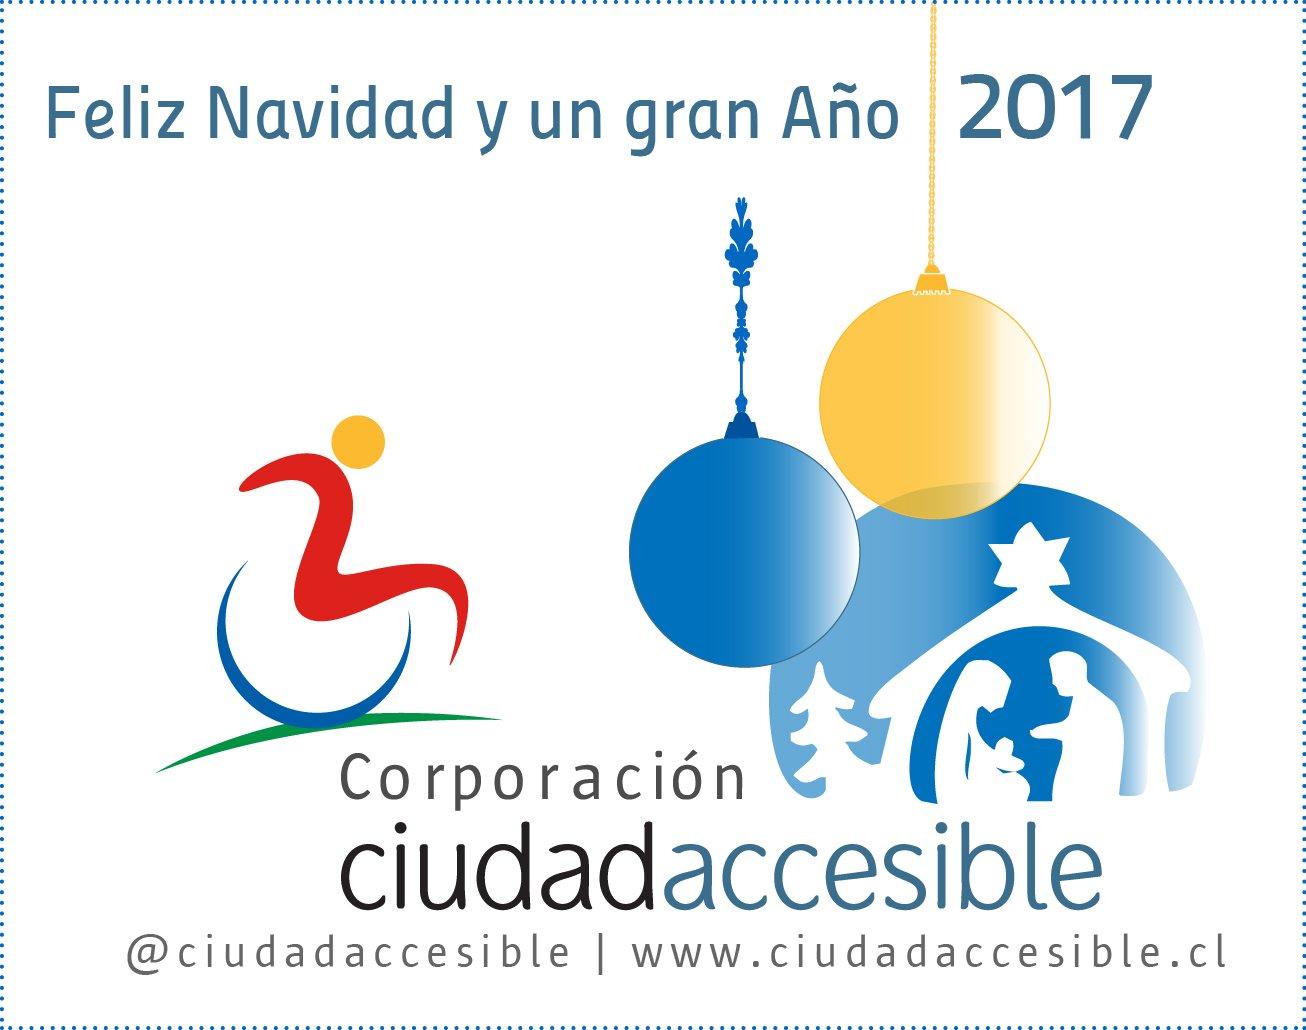 resumen actividades accesible año 2016